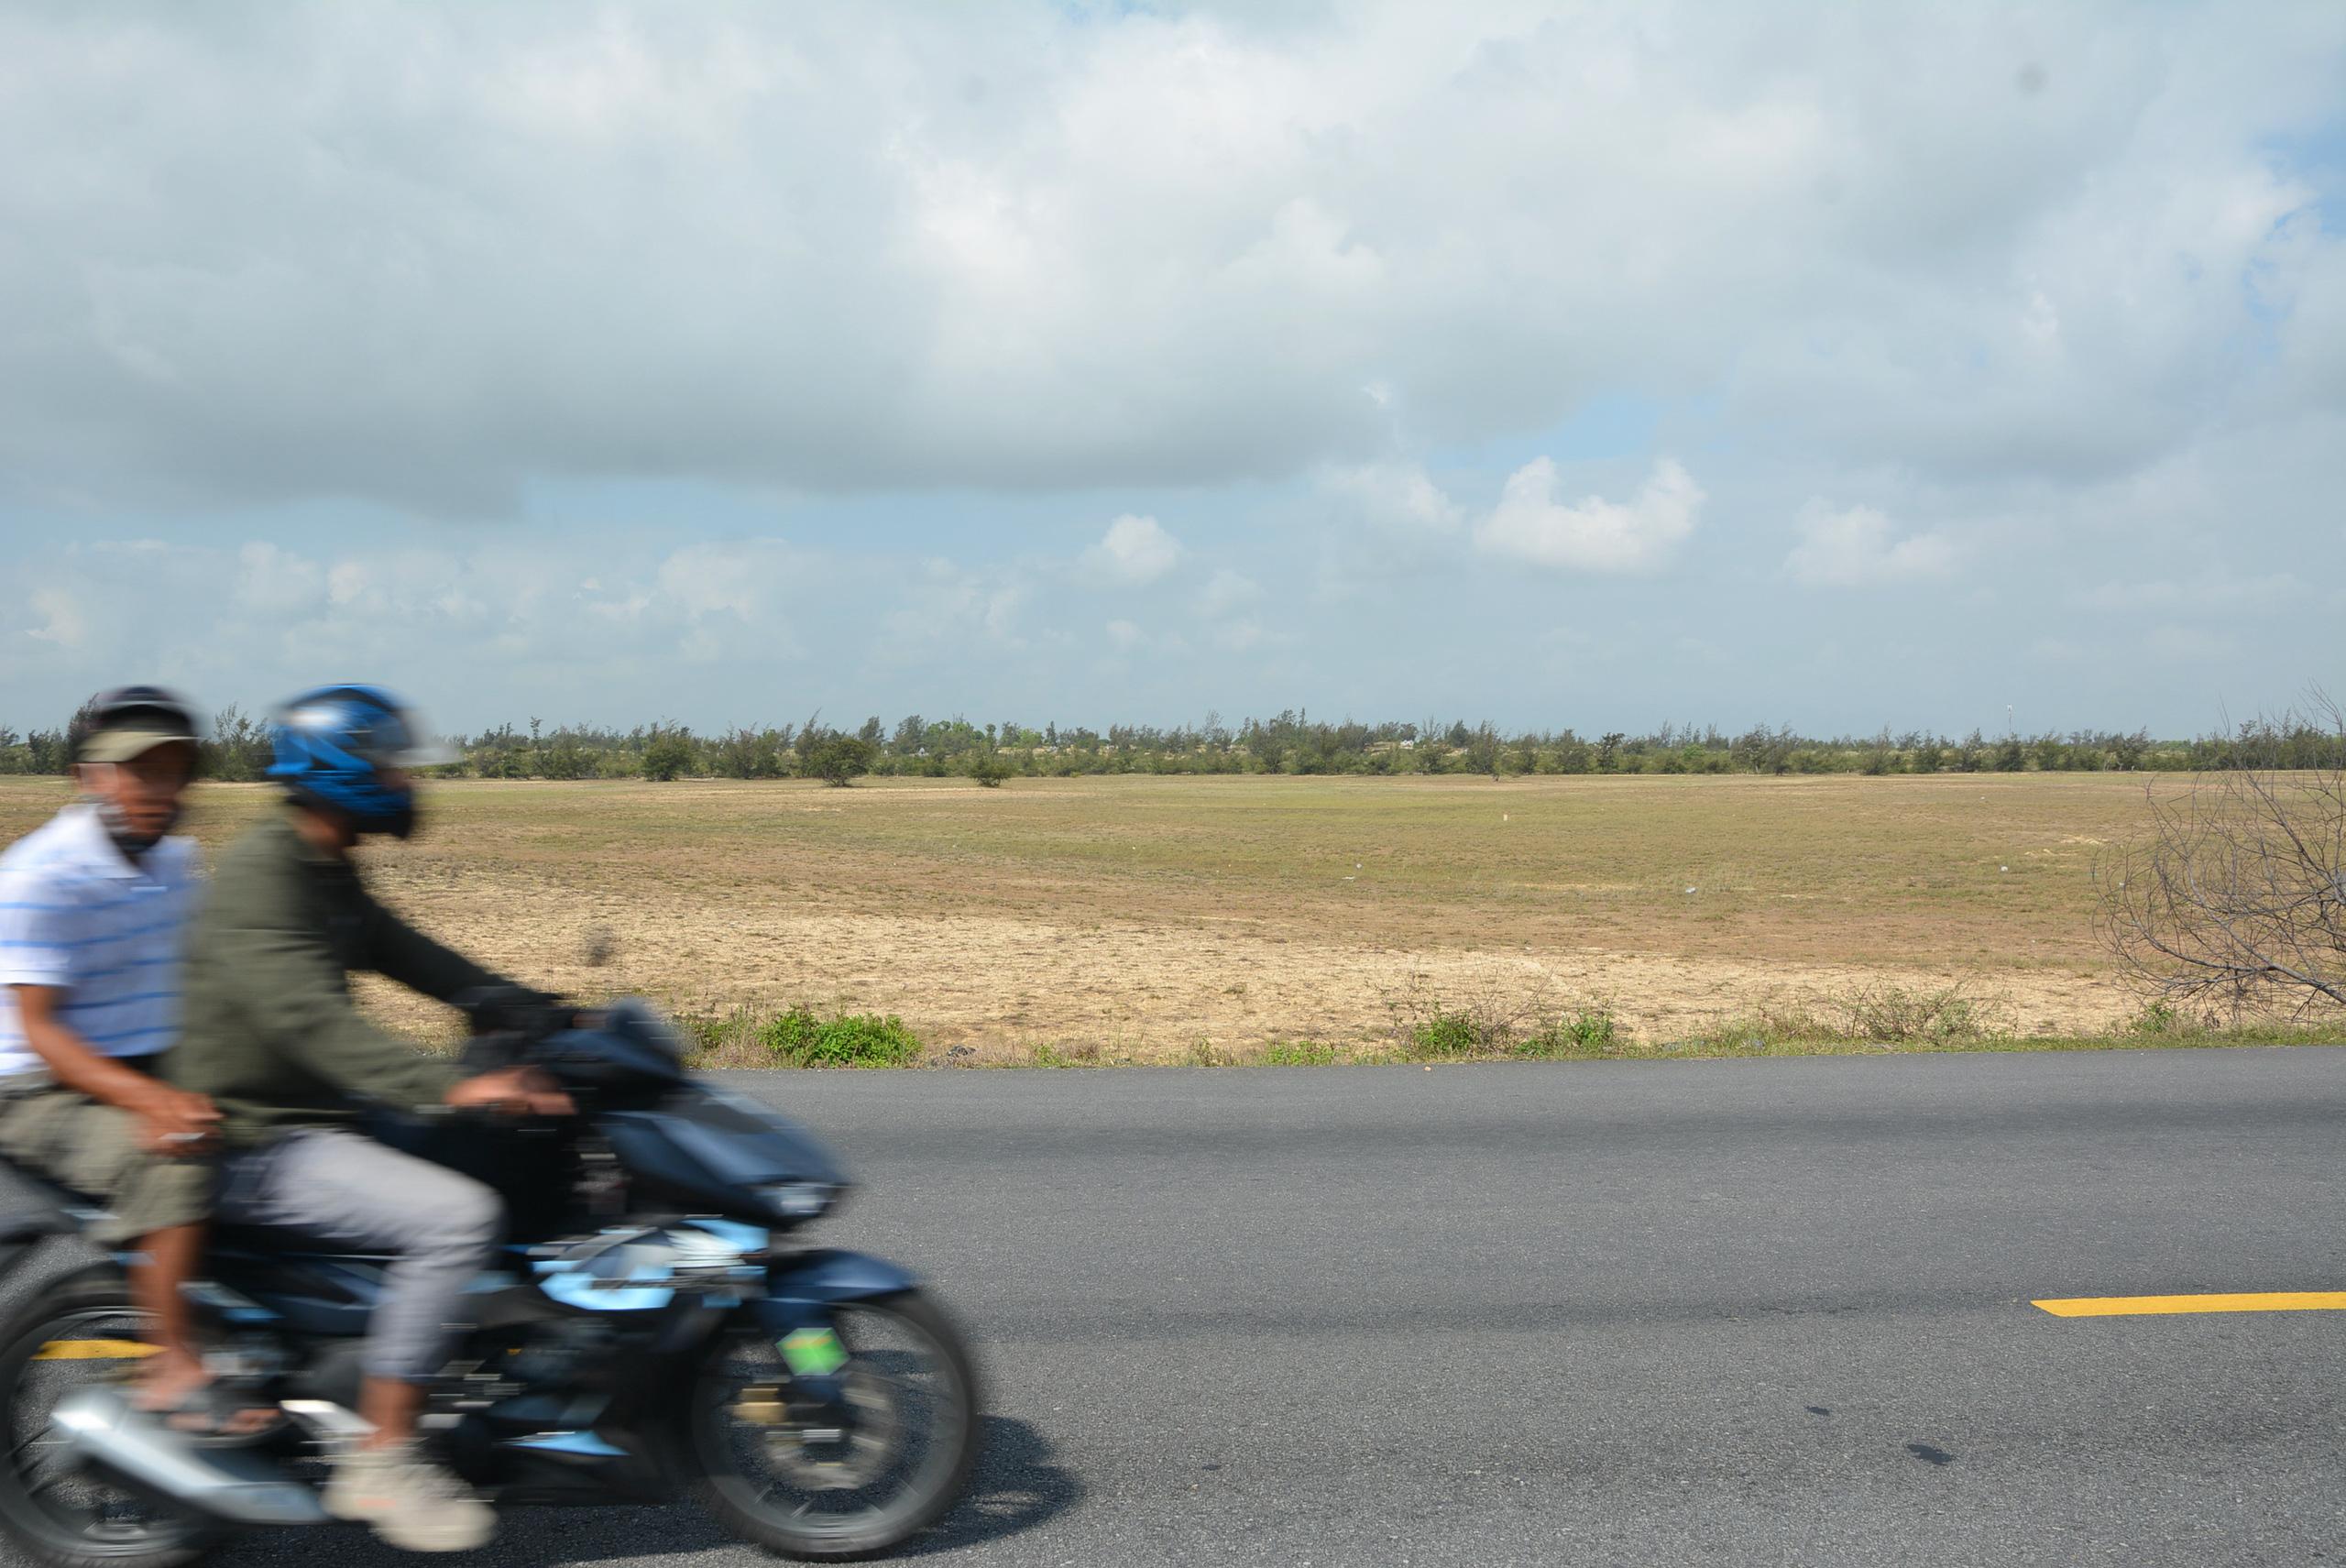 Cận cảnh khu đất Tập đoàn Nguyễn Hoàng đầu tư thành phố giáo dục, đối diện Vinpearl Nam Hội An - Ảnh 4.